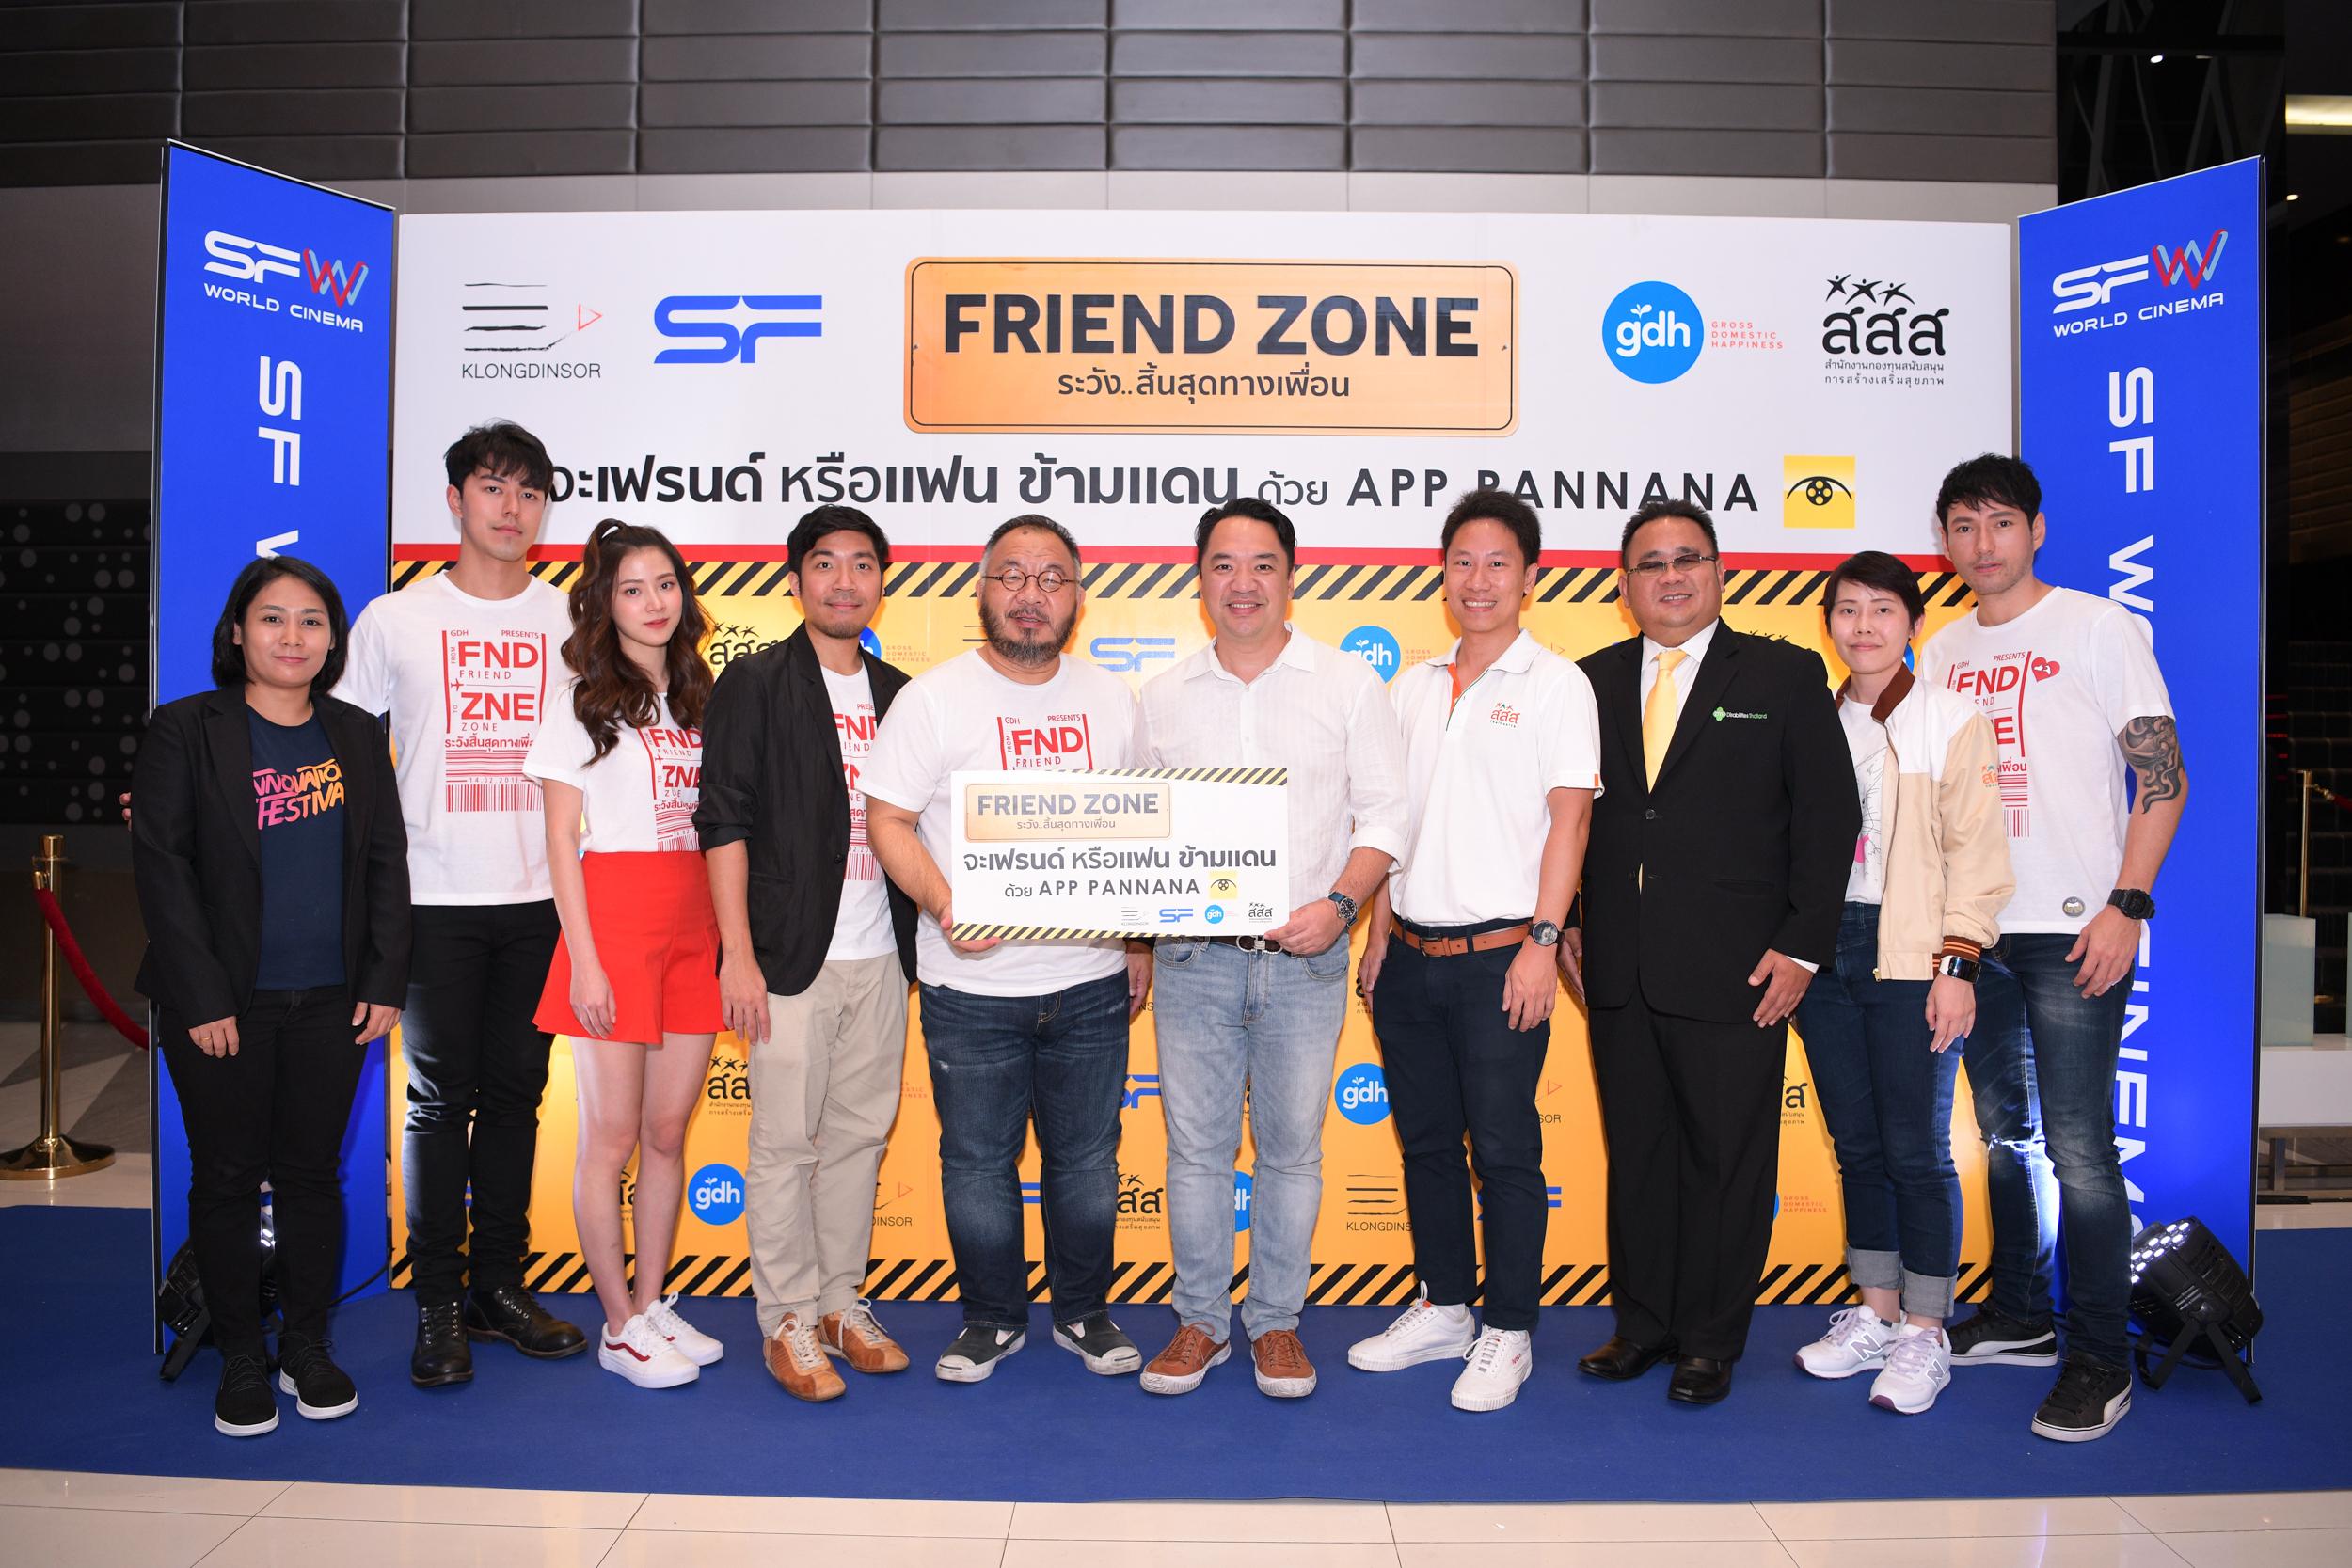 ผู้บกพร่องทางการเห็นดูหนัง Friend Zone สนุกเหมือนกัน thaihealth